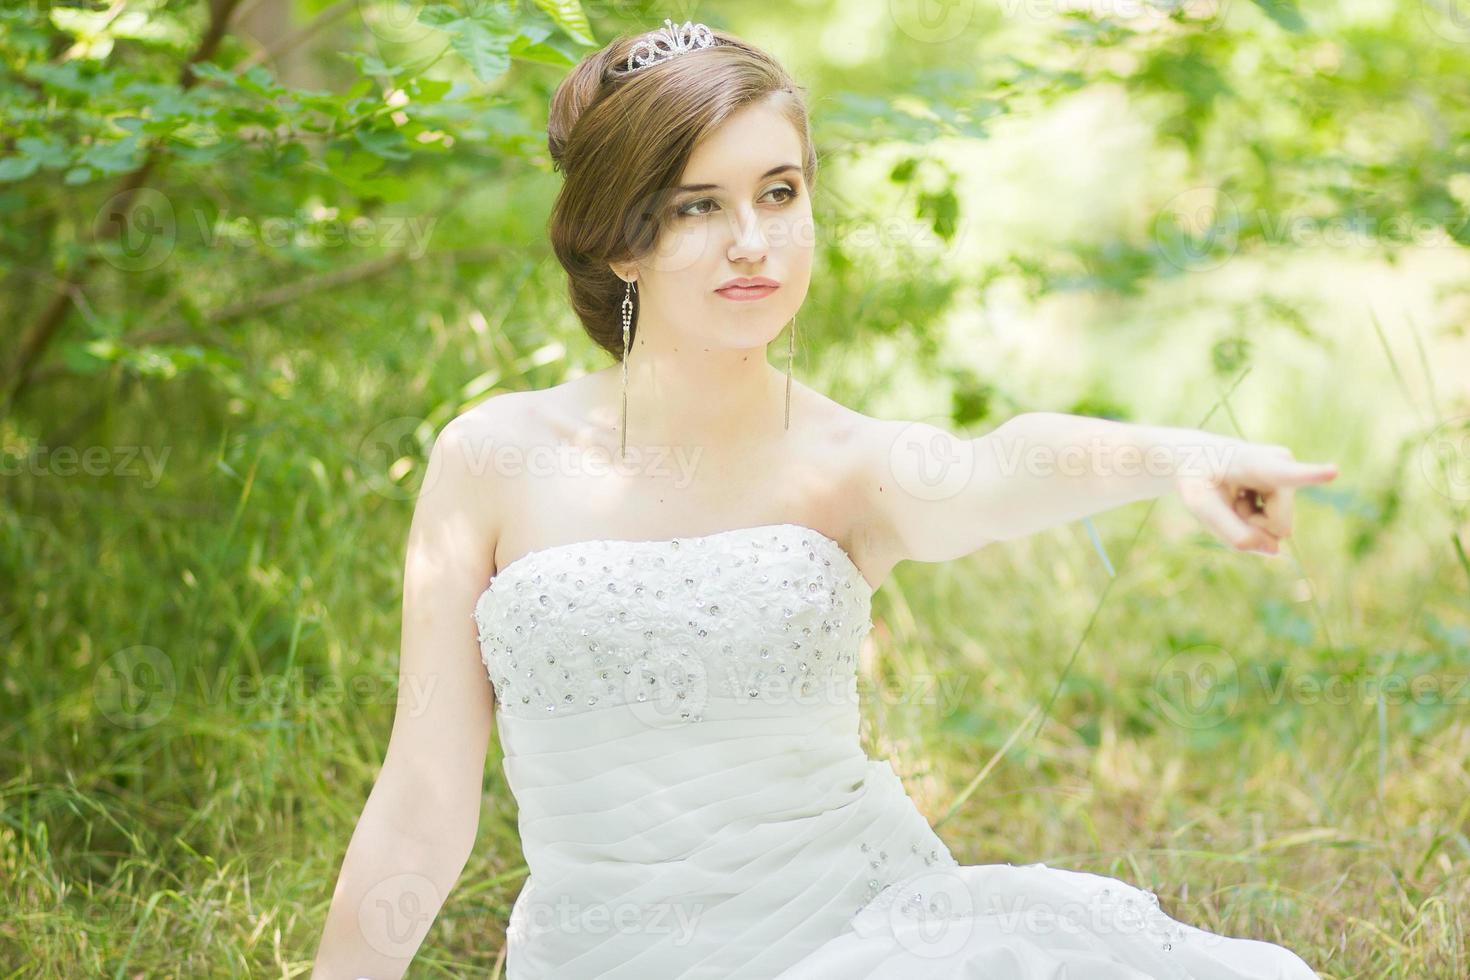 porträtt av en vacker ung brud i naturen foto